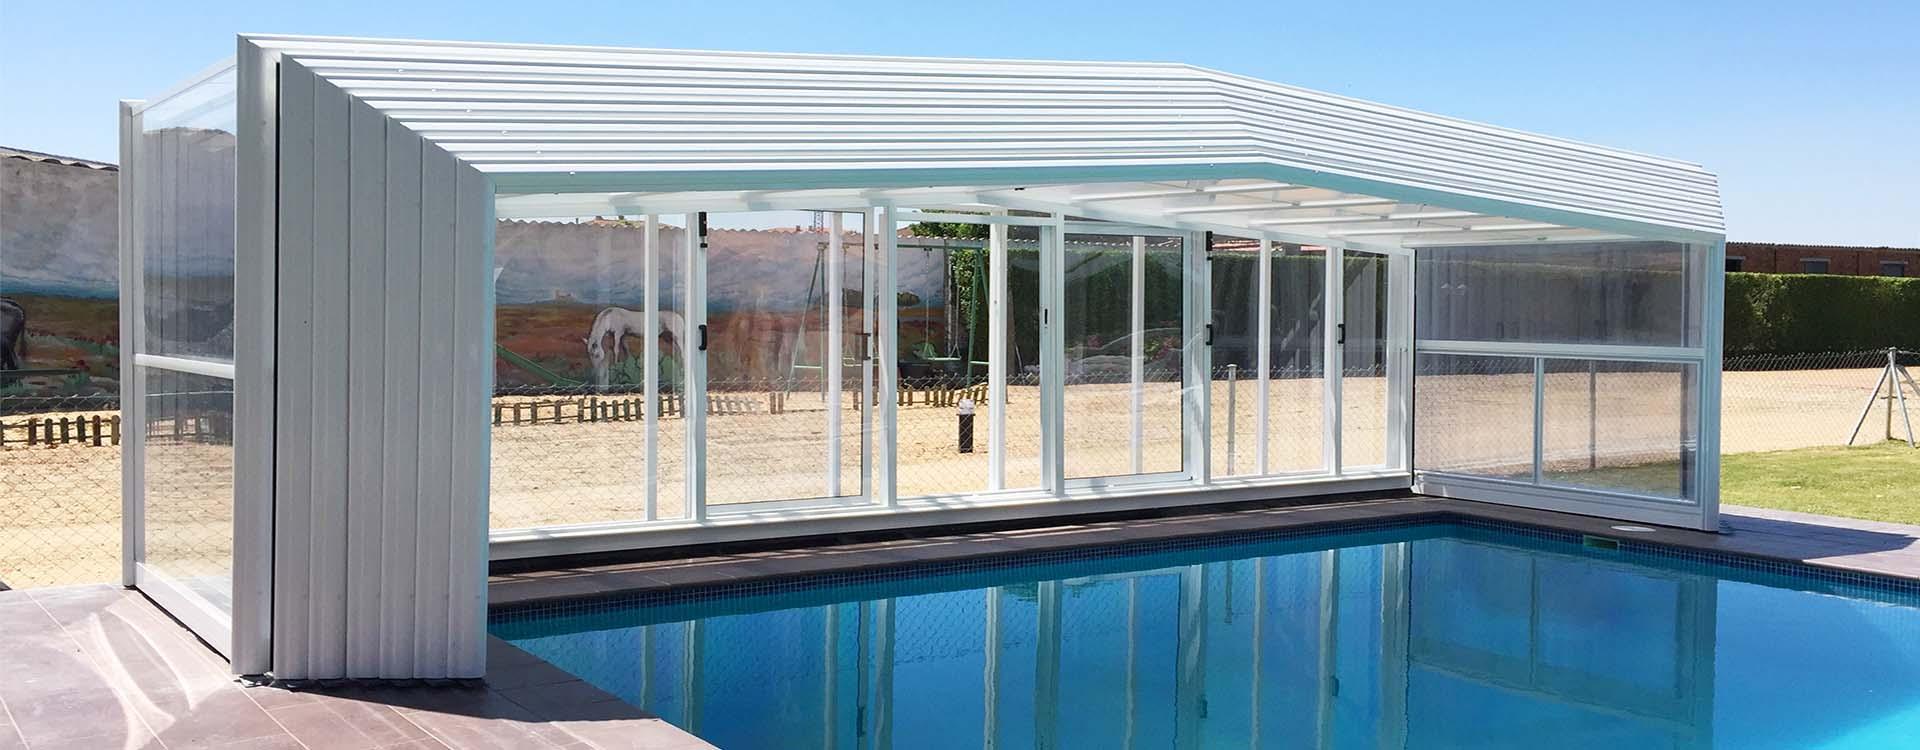 Cubiertas para piscinas al mejor precio cubriland for Cubiertas para piscinas